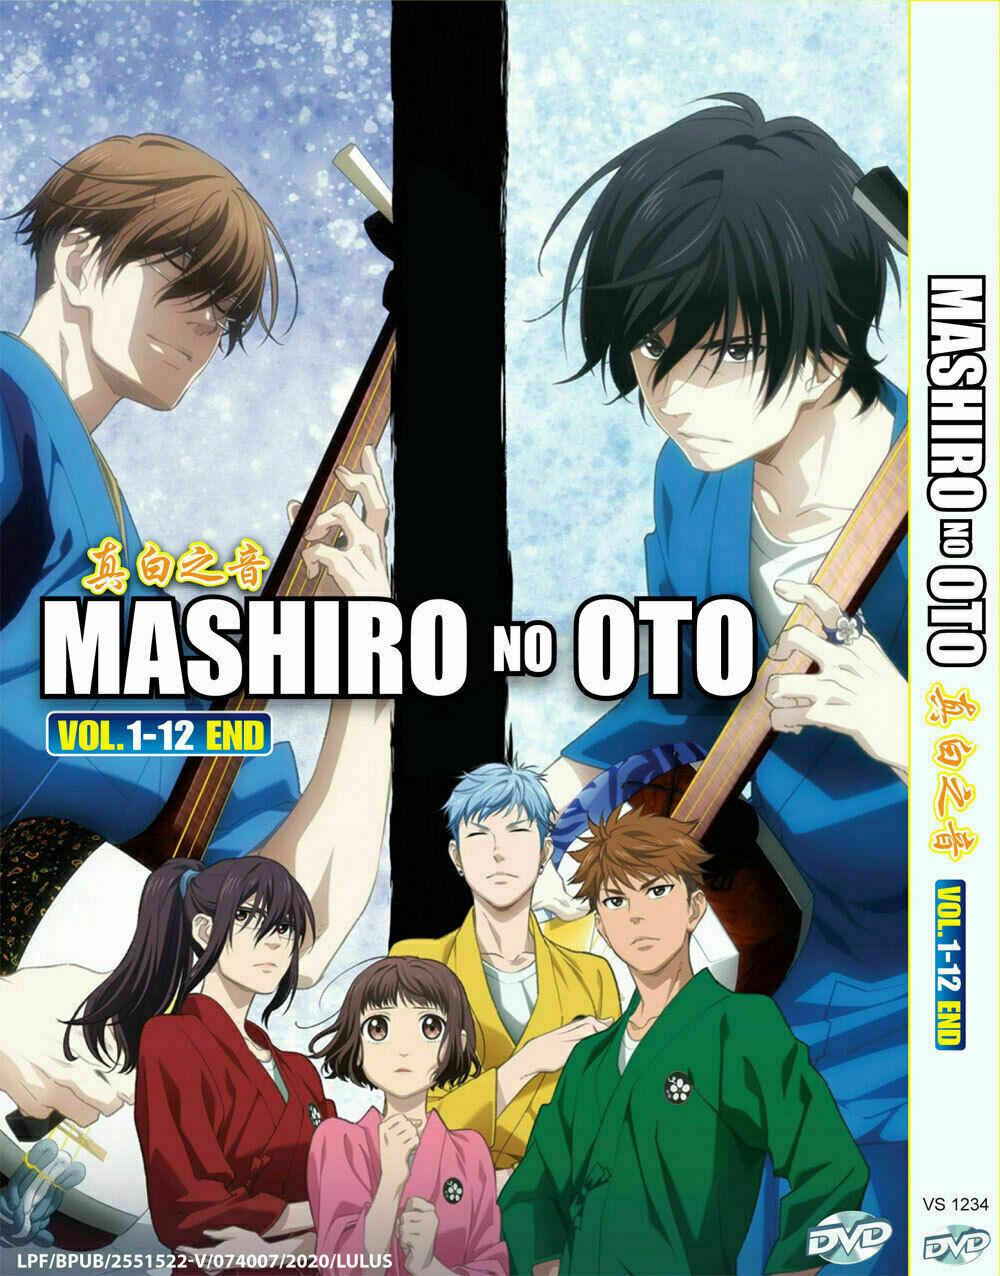 Mashiro no Oto (Vol.1-12 end) Anime DVD with English Subtitle Ship From USA